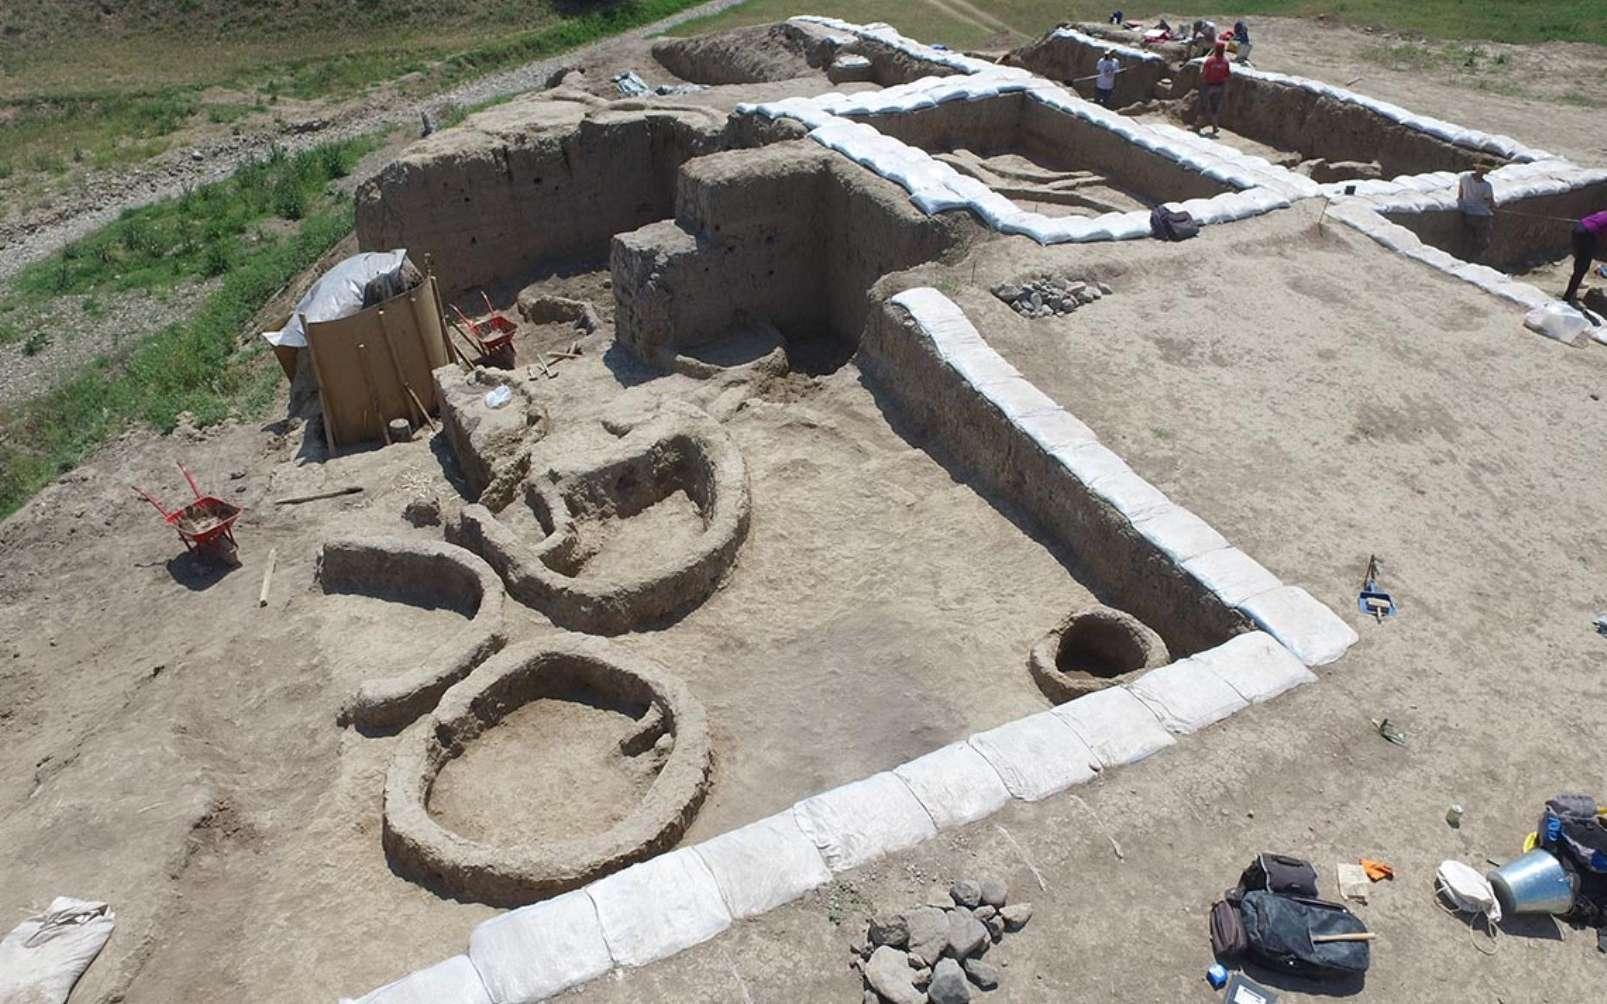 L'Homme ferait du vin depuis au moins 8.000 ans. Ici, une vue du site géorgien où ont été trouvées des poteries ayant contenu du vin. © Stephen Batiuk